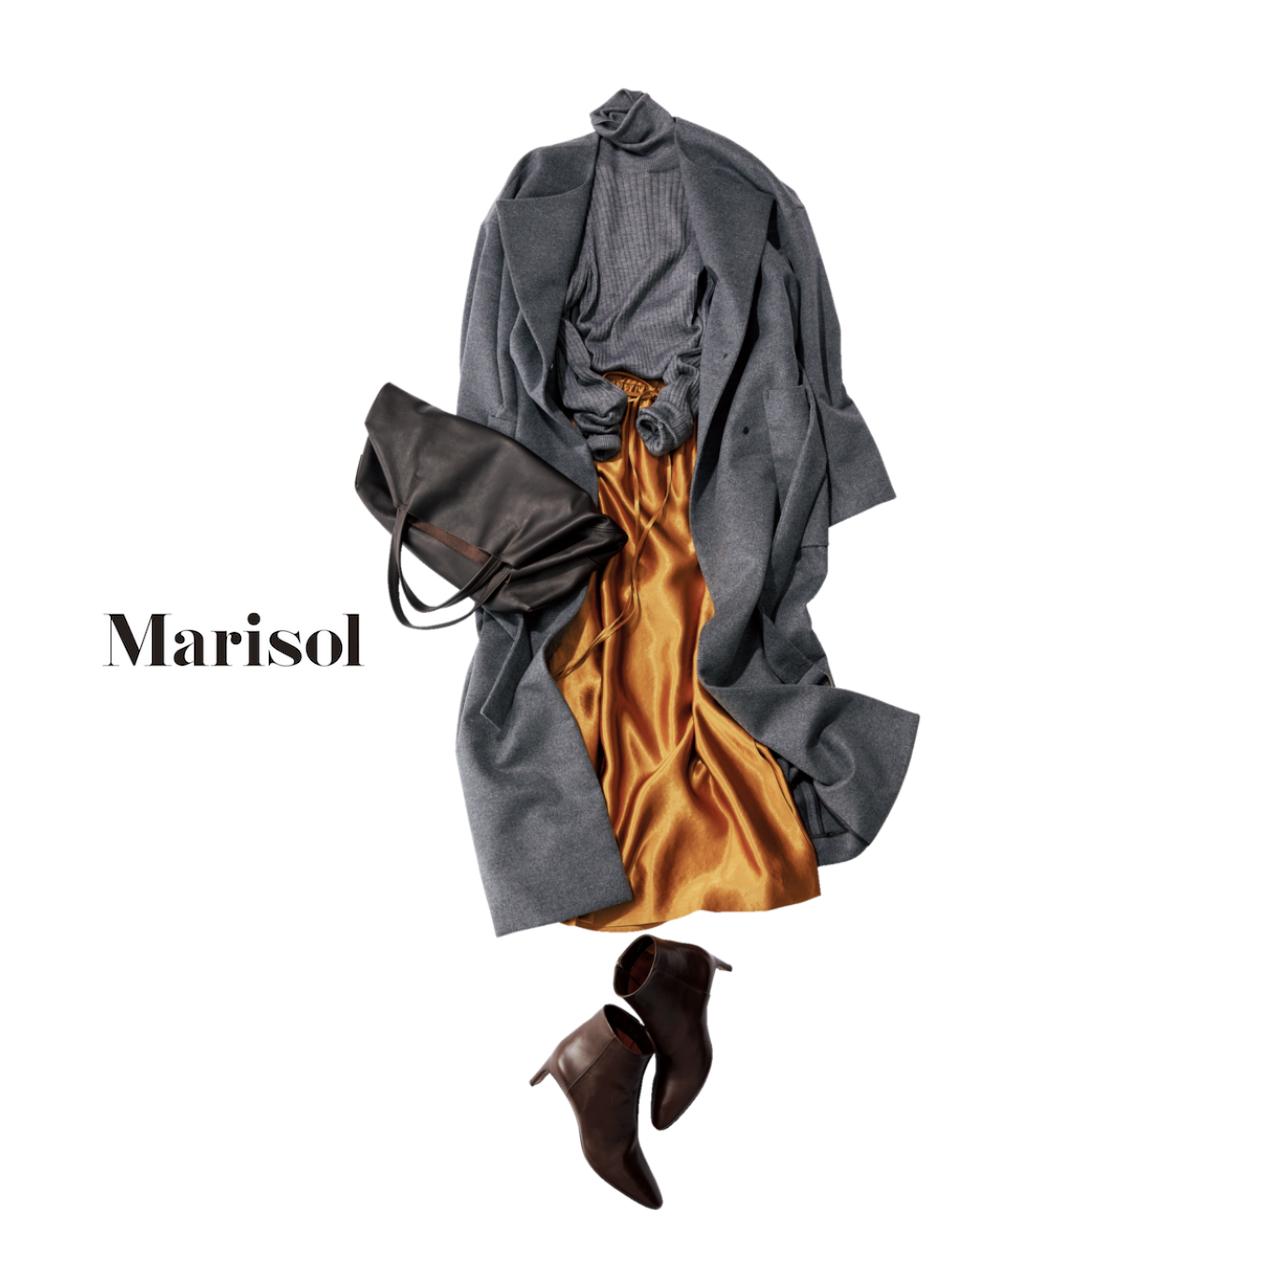 ファッション グレーニット×イエロースカートコーデ